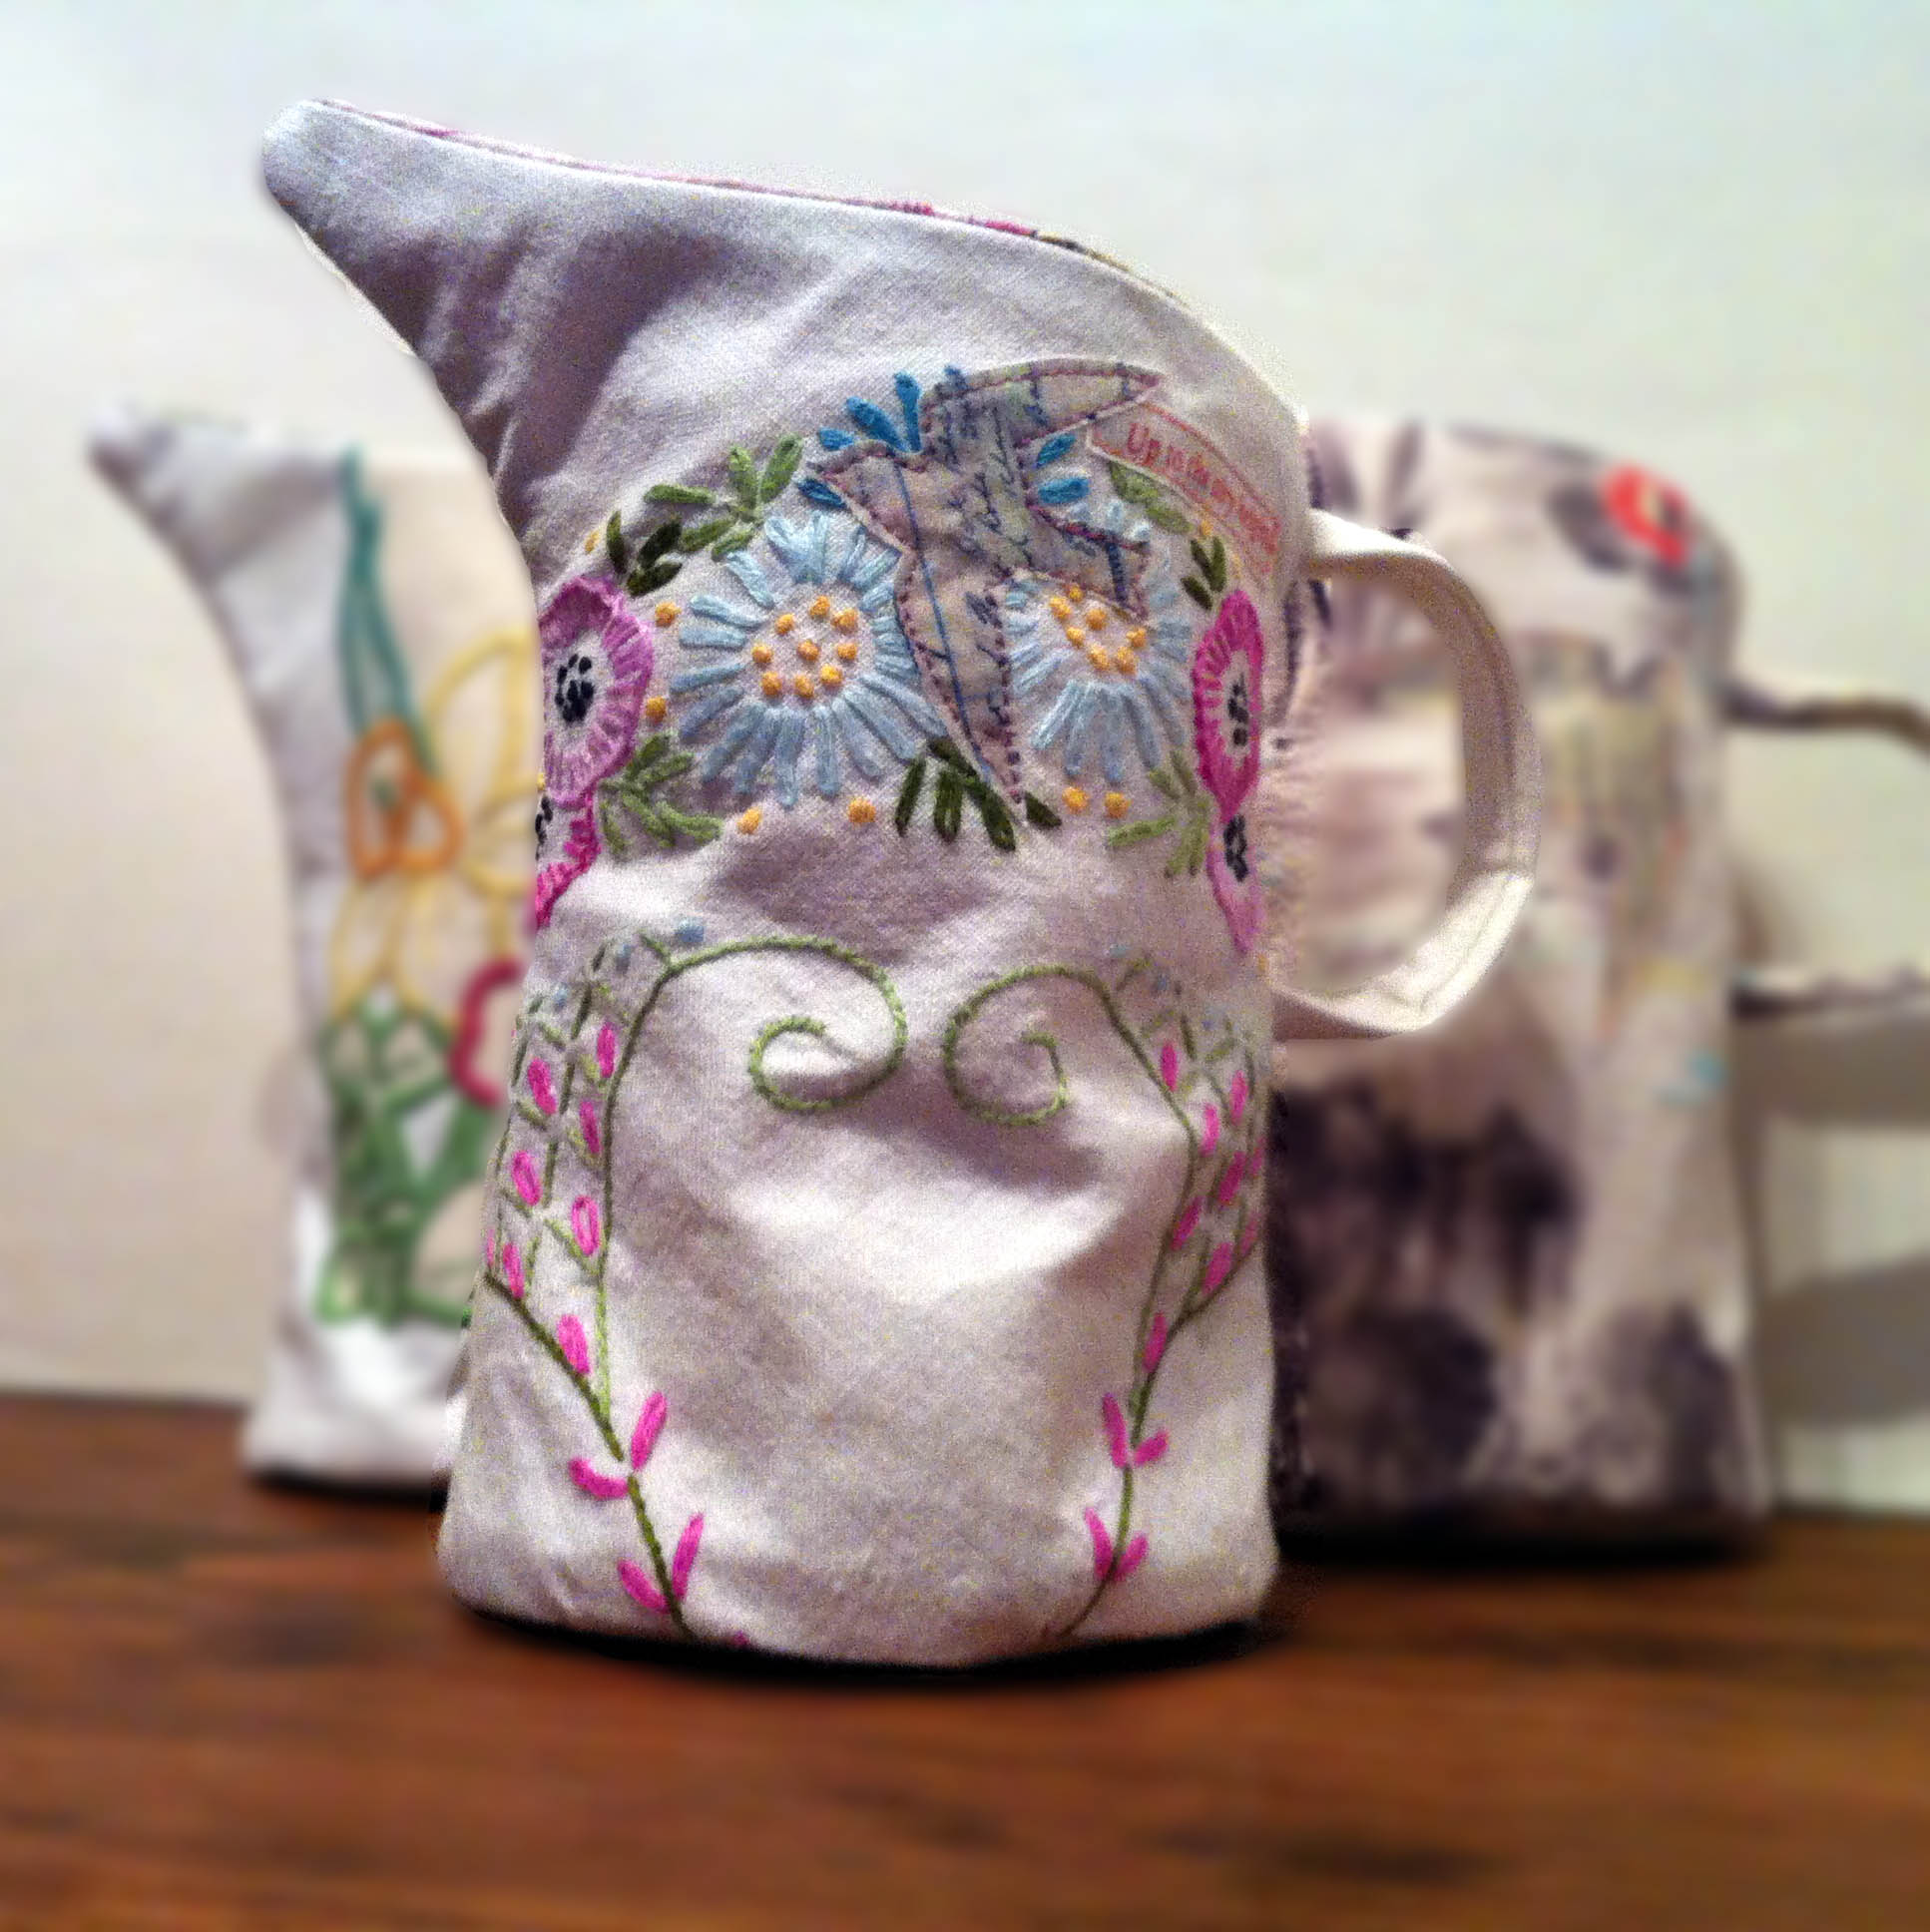 EmmaLawrece-Peattie_VintageVase_2014_fabric_21cm